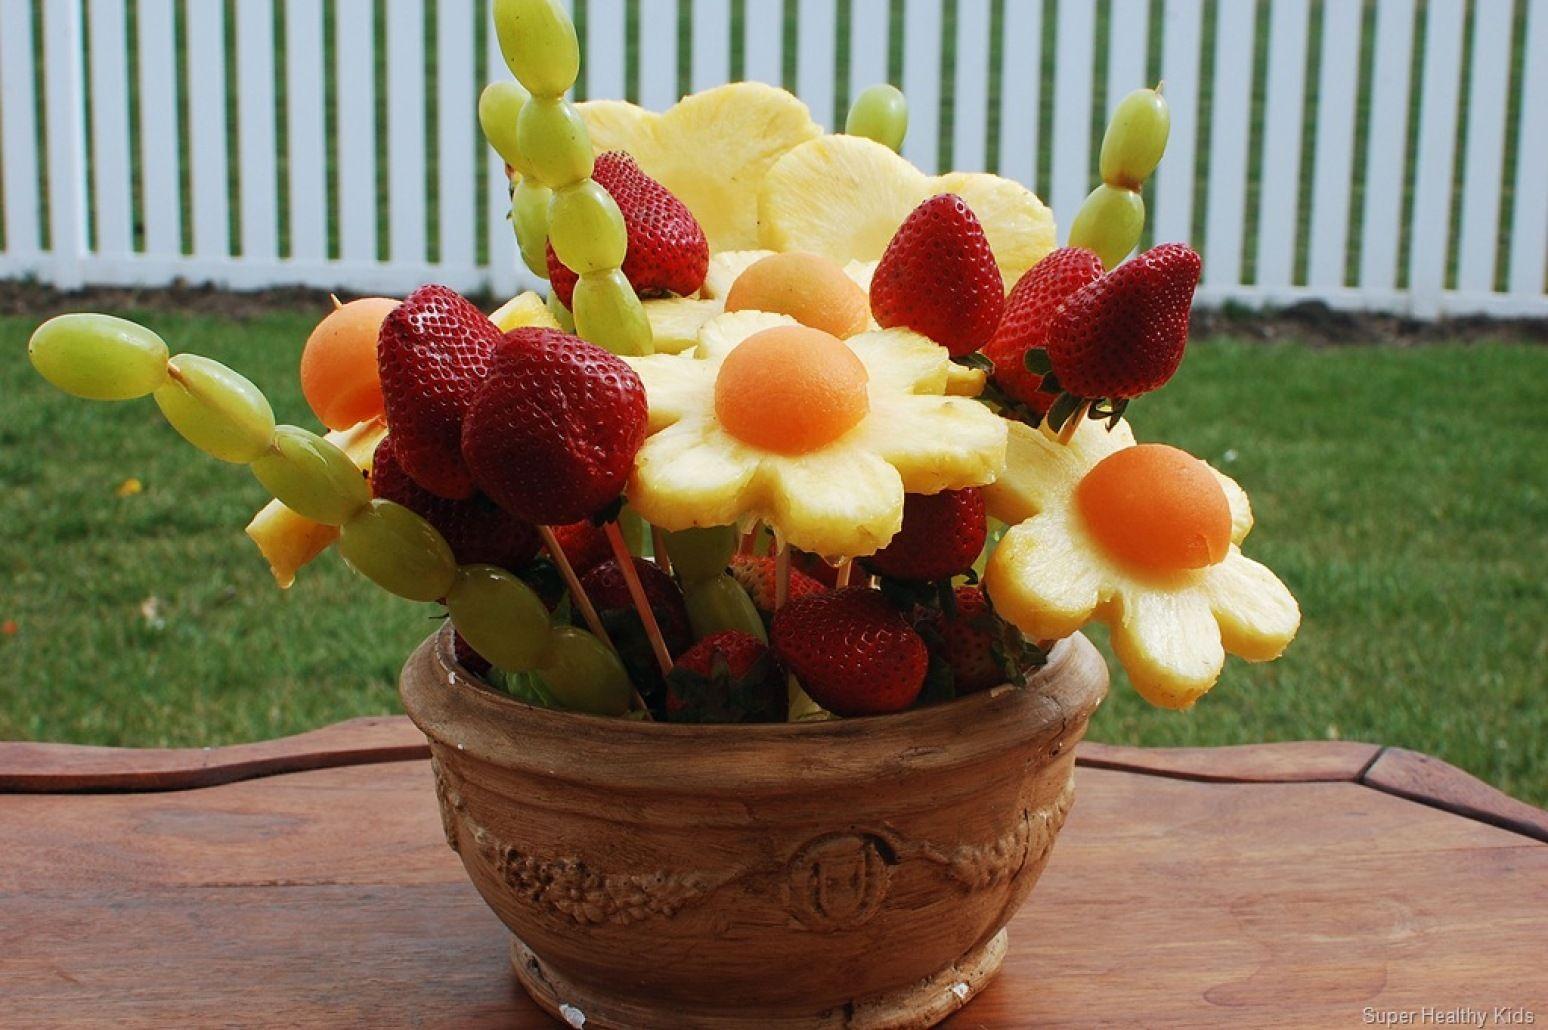 Fruity Fun For Kidz